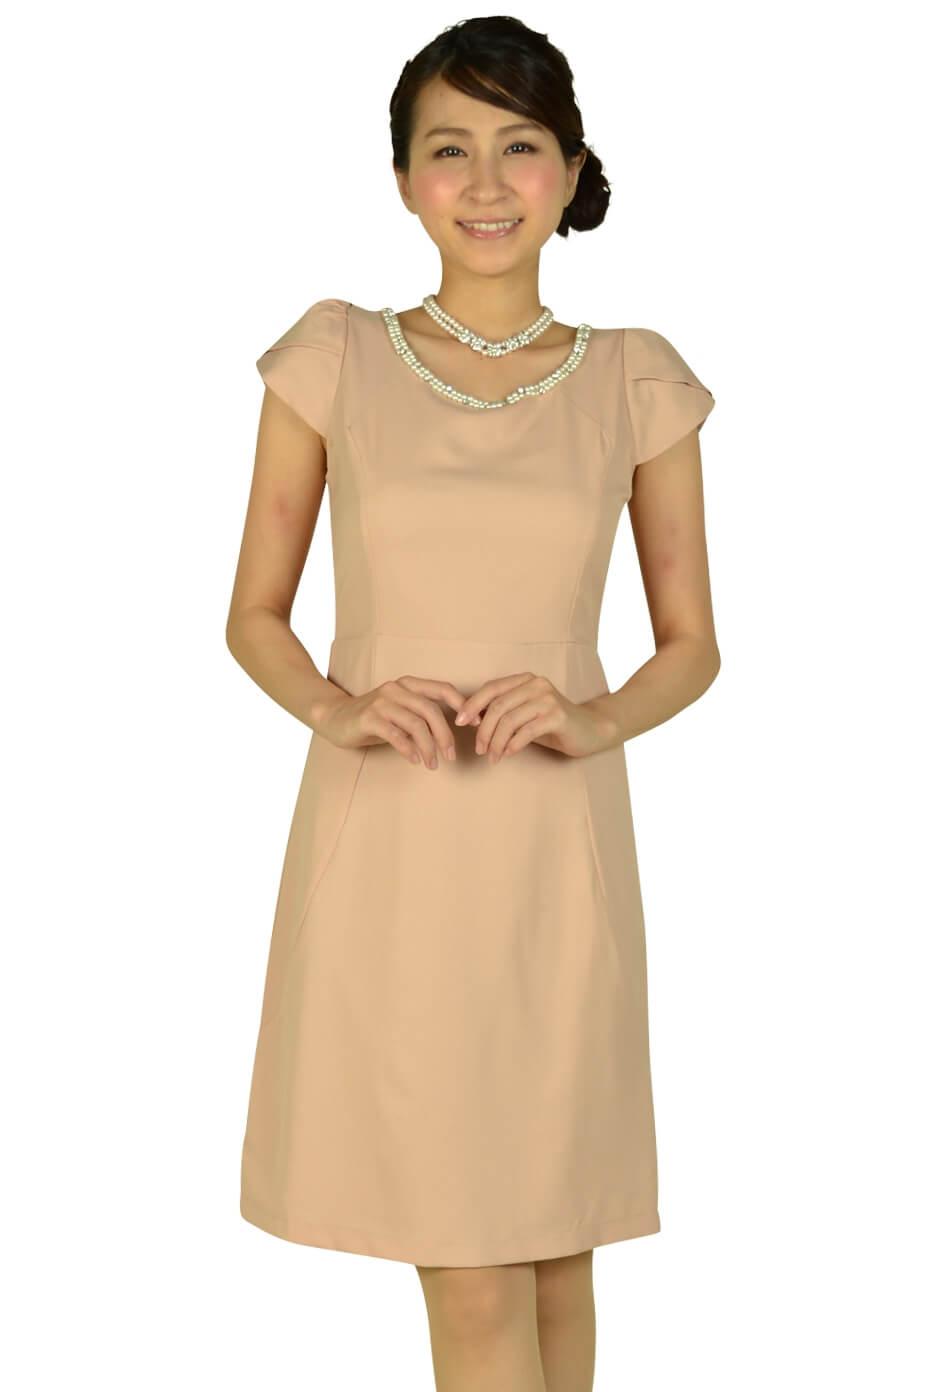 ミモザ (mimosa)ミニ袖付きビジュピンクドレス